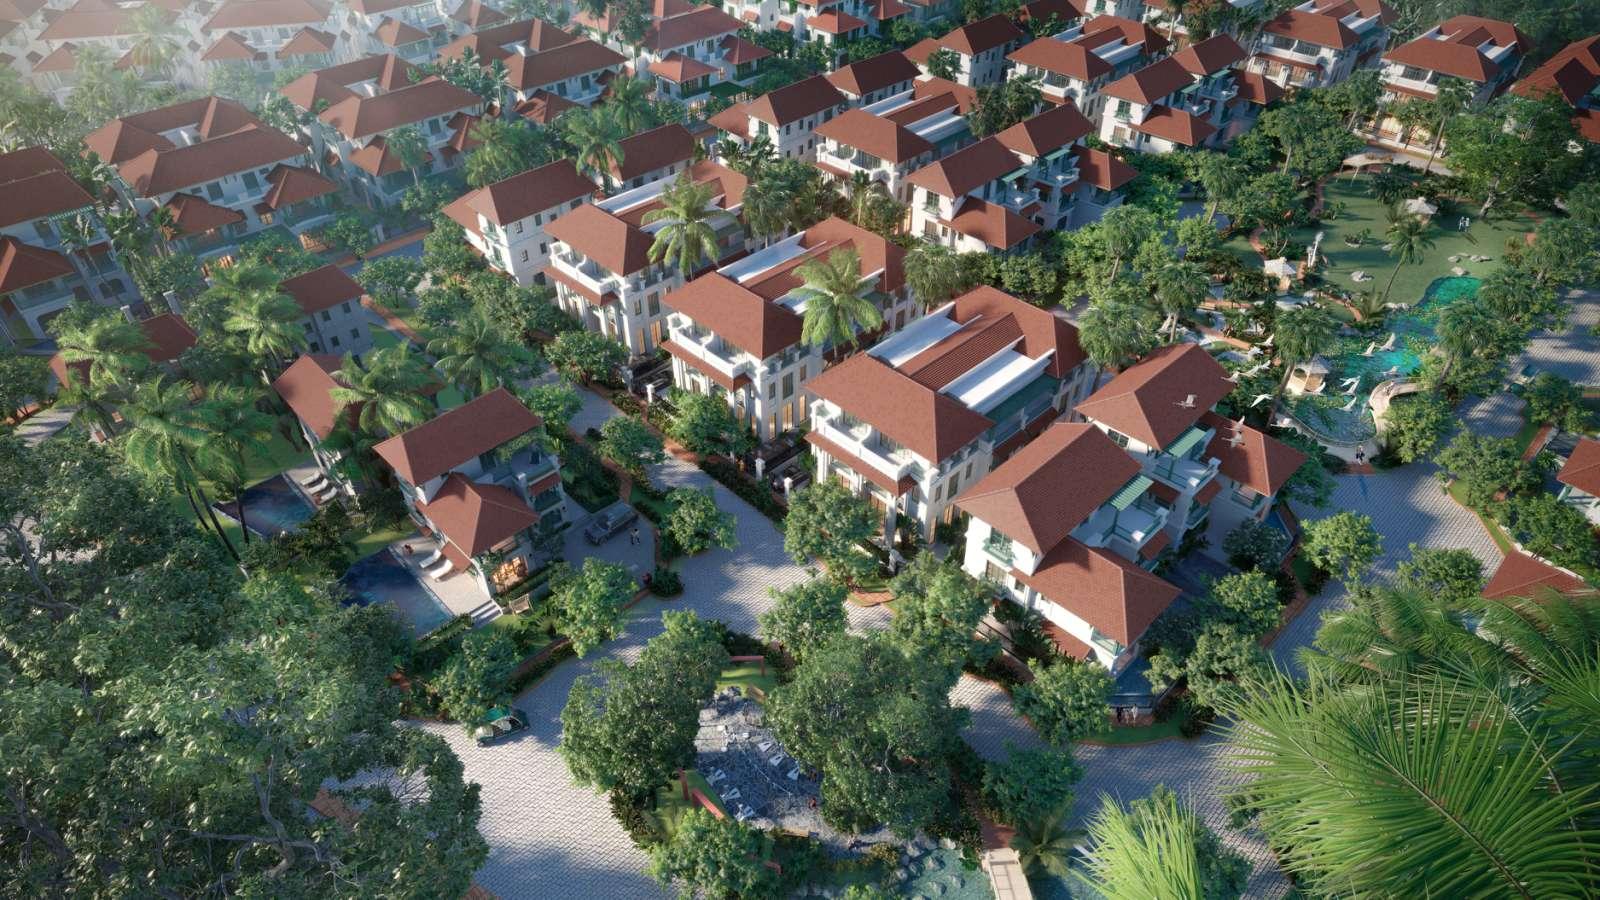 Chính sách ưu đãi hấp dẫn chưa từng có đang được áp dụng cho cư dân Sun Tropical Village tương lai. (Ảnh phối cảnh minh họa)